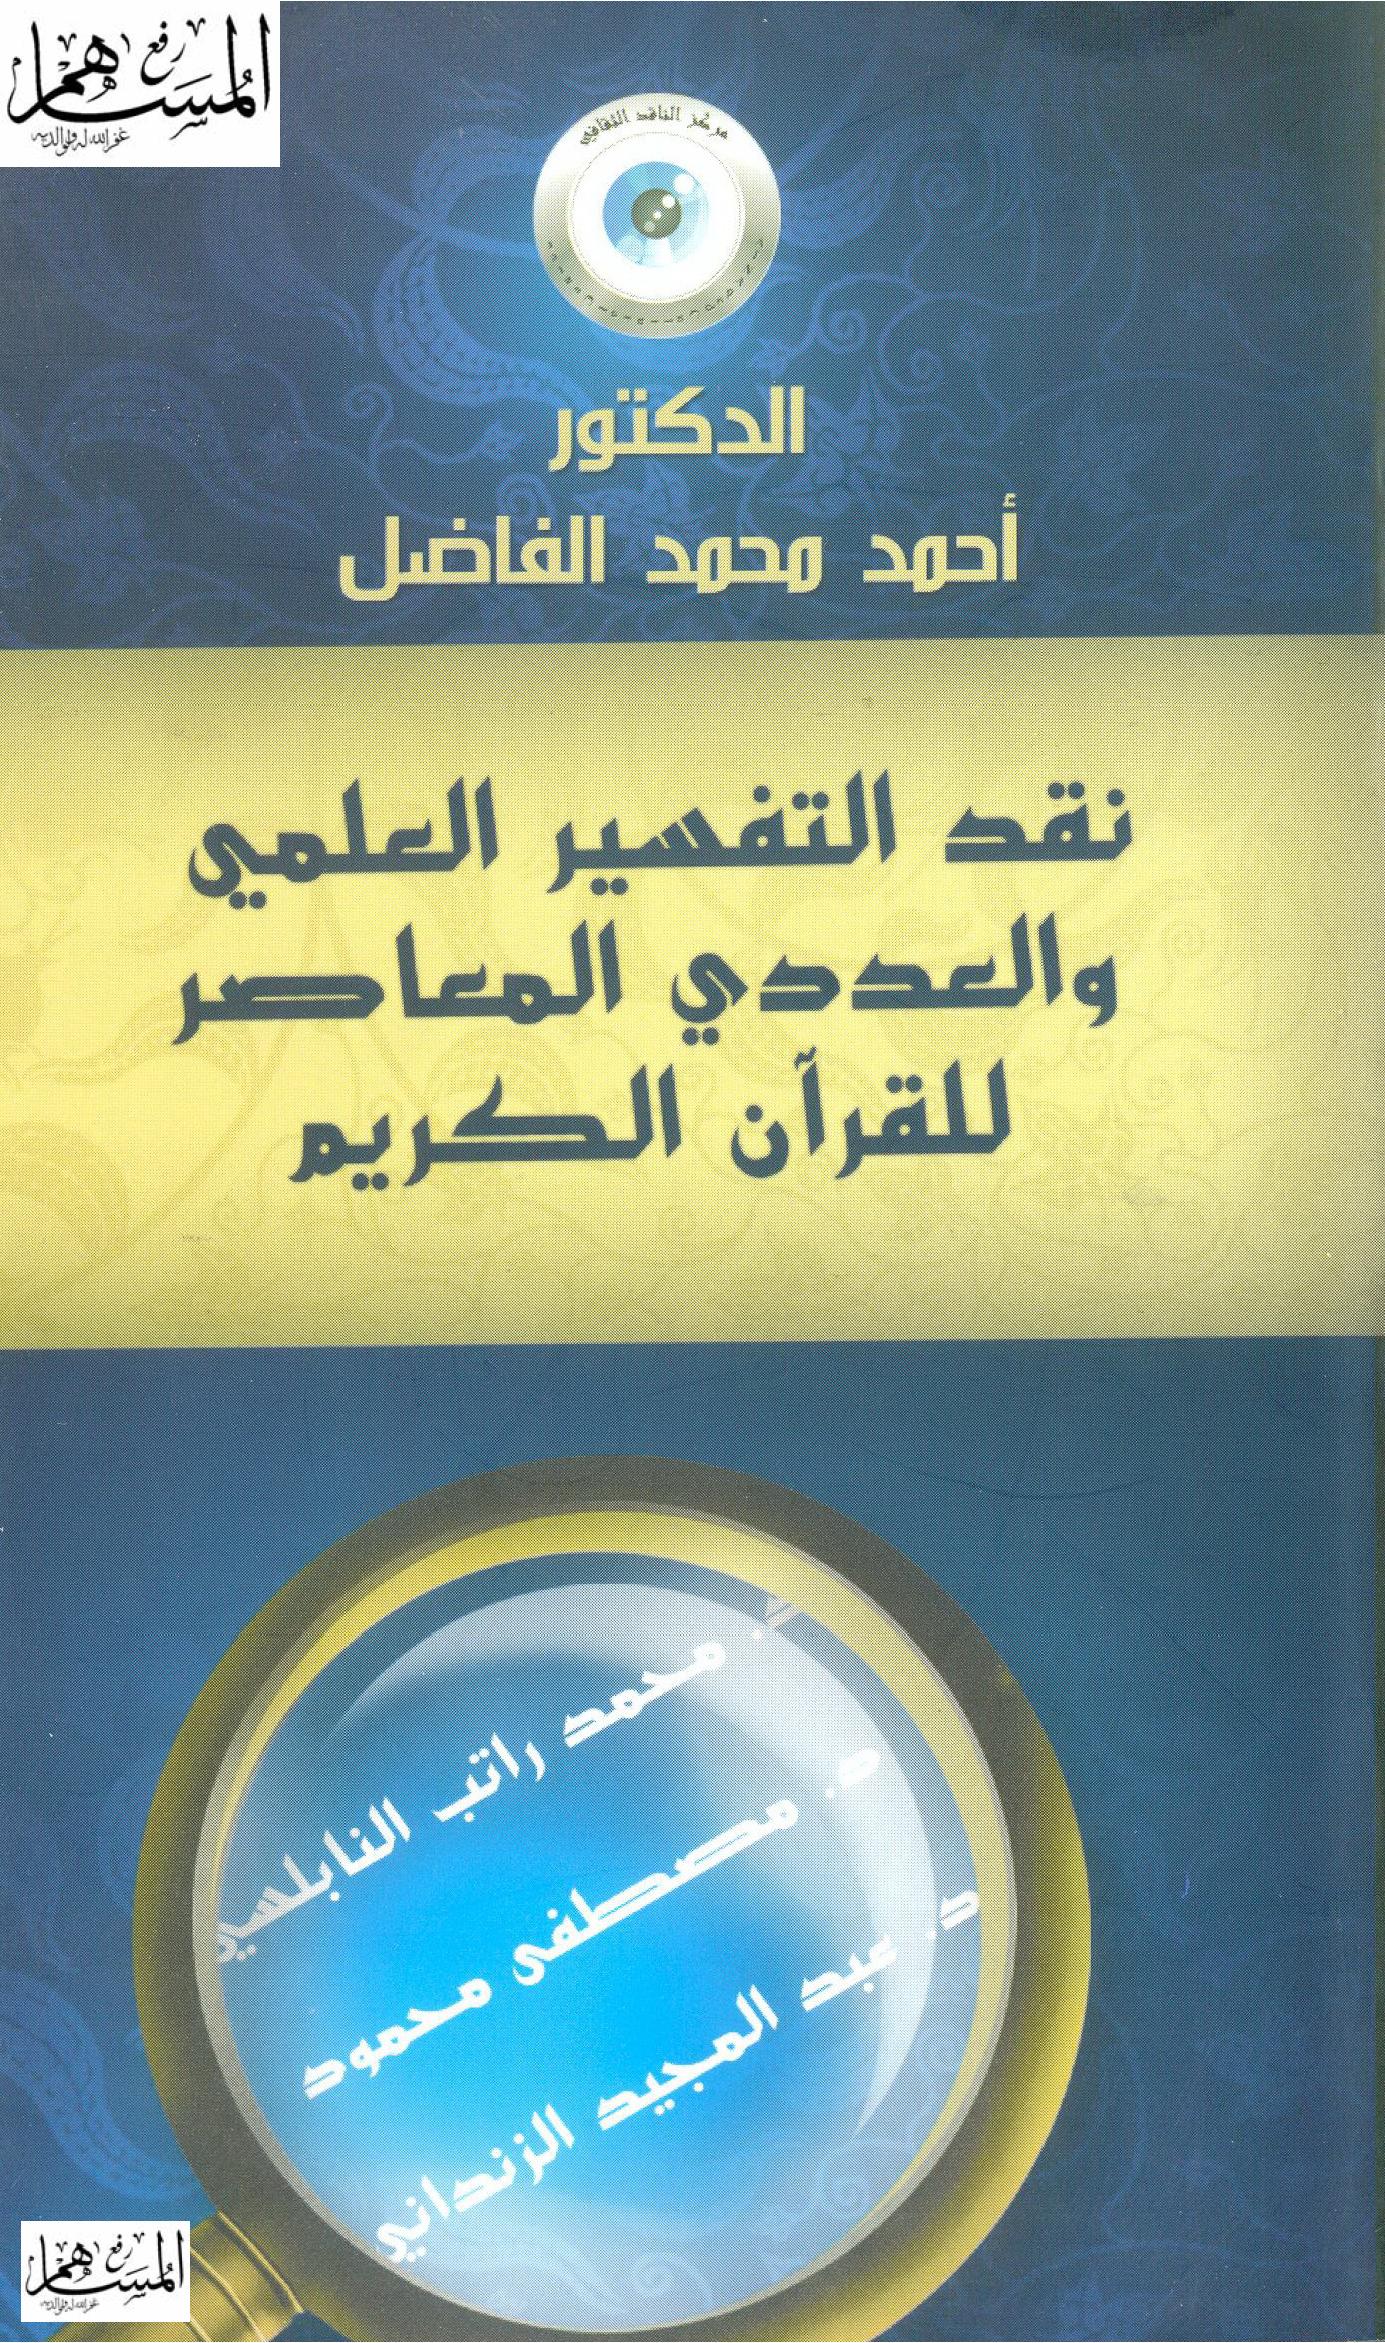 تحميل كتاب نقد التفسير العلمي والعددي المعاصر للقرآن الكريم لـِ: الدكتور أحمد محمد الفاضل